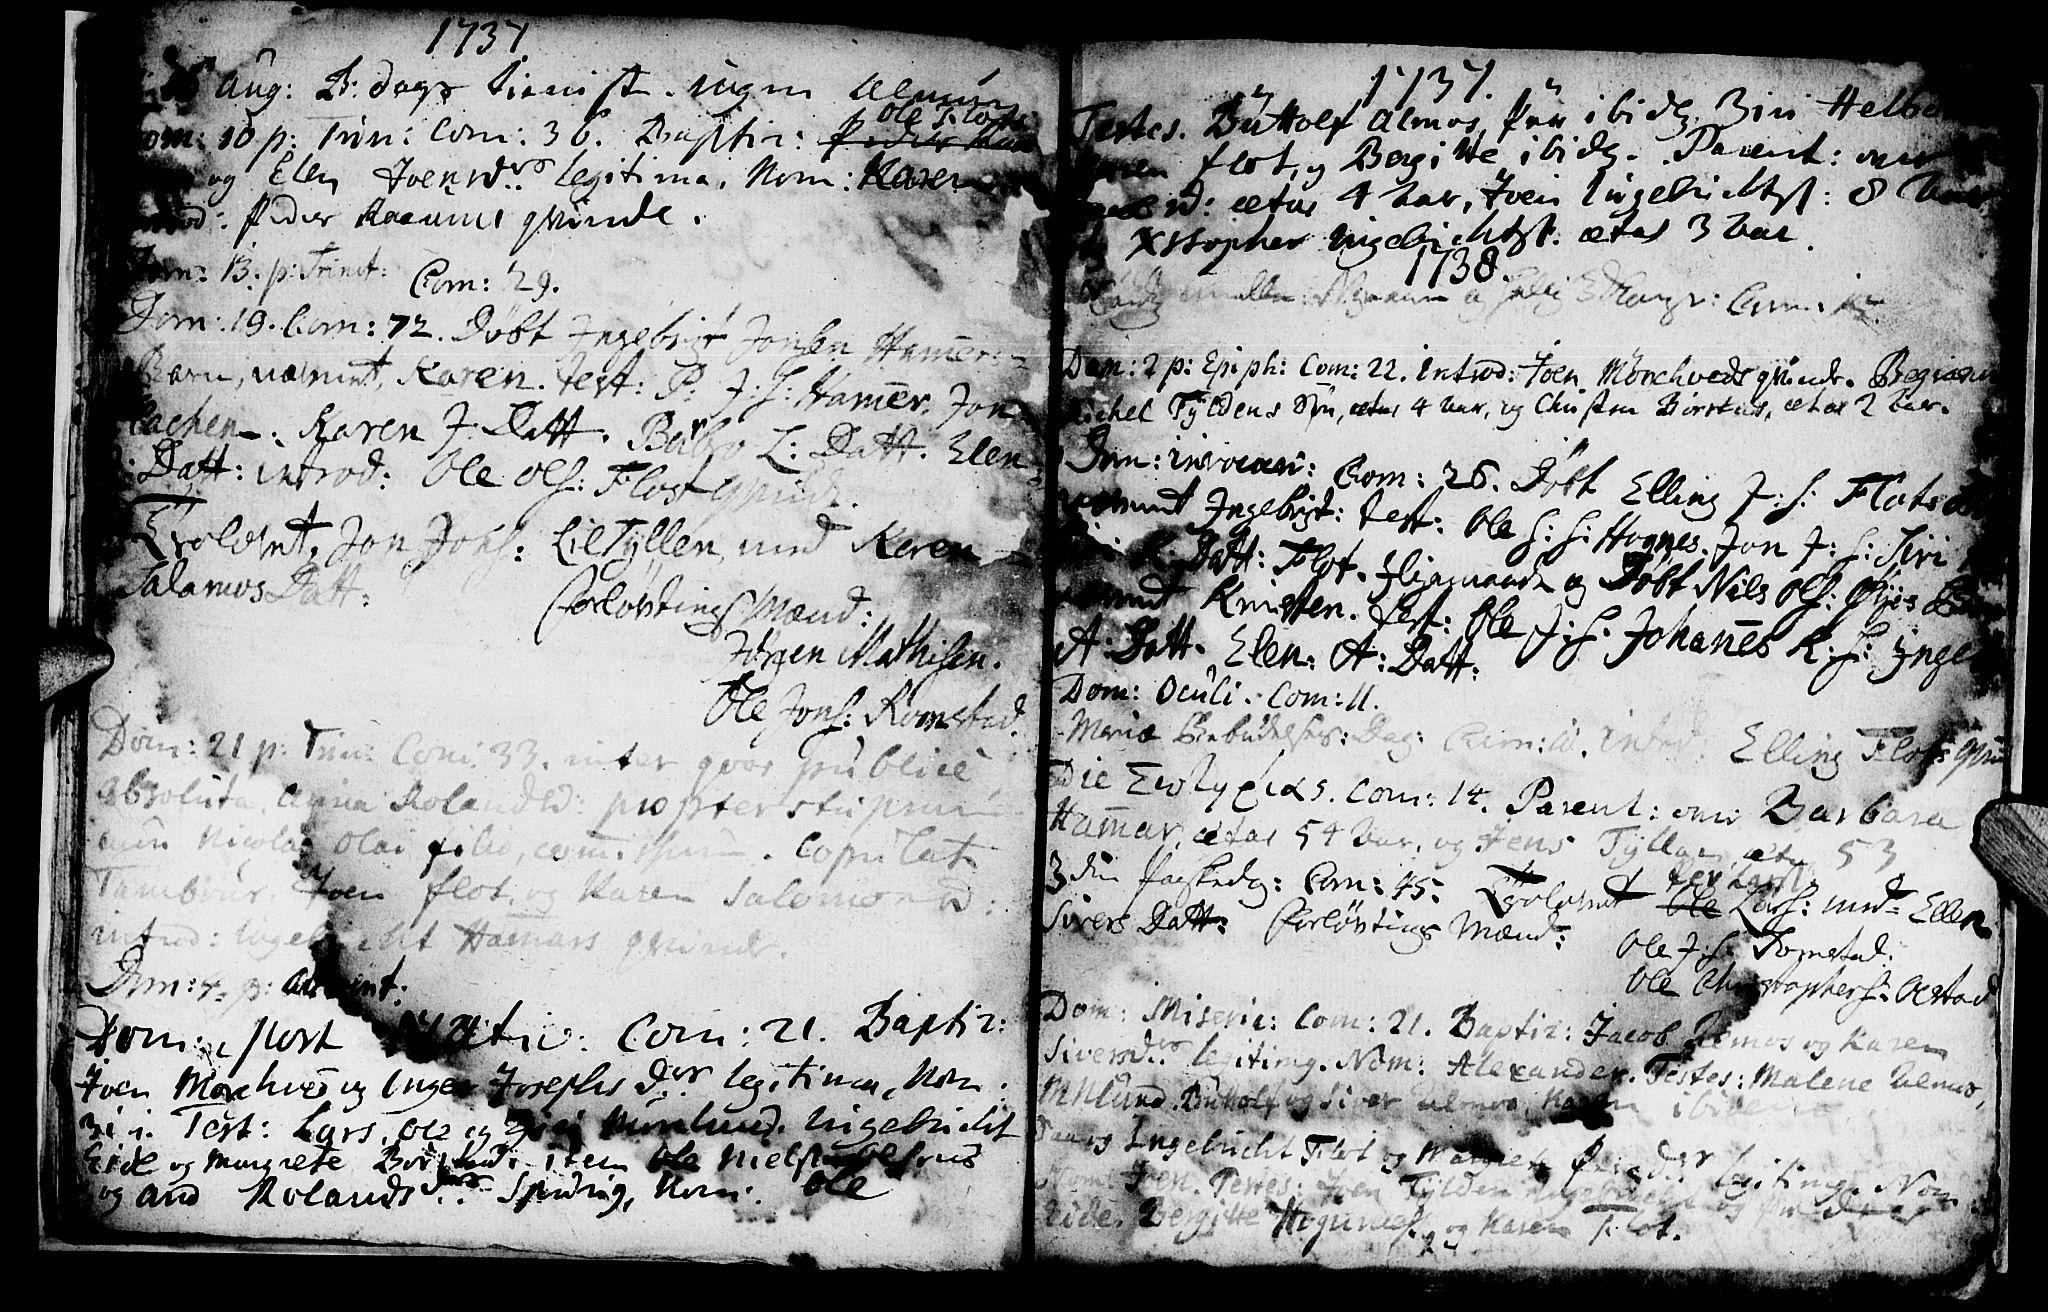 SAT, Ministerialprotokoller, klokkerbøker og fødselsregistre - Nord-Trøndelag, 765/L0560: Ministerialbok nr. 765A01, 1706-1748, s. 20